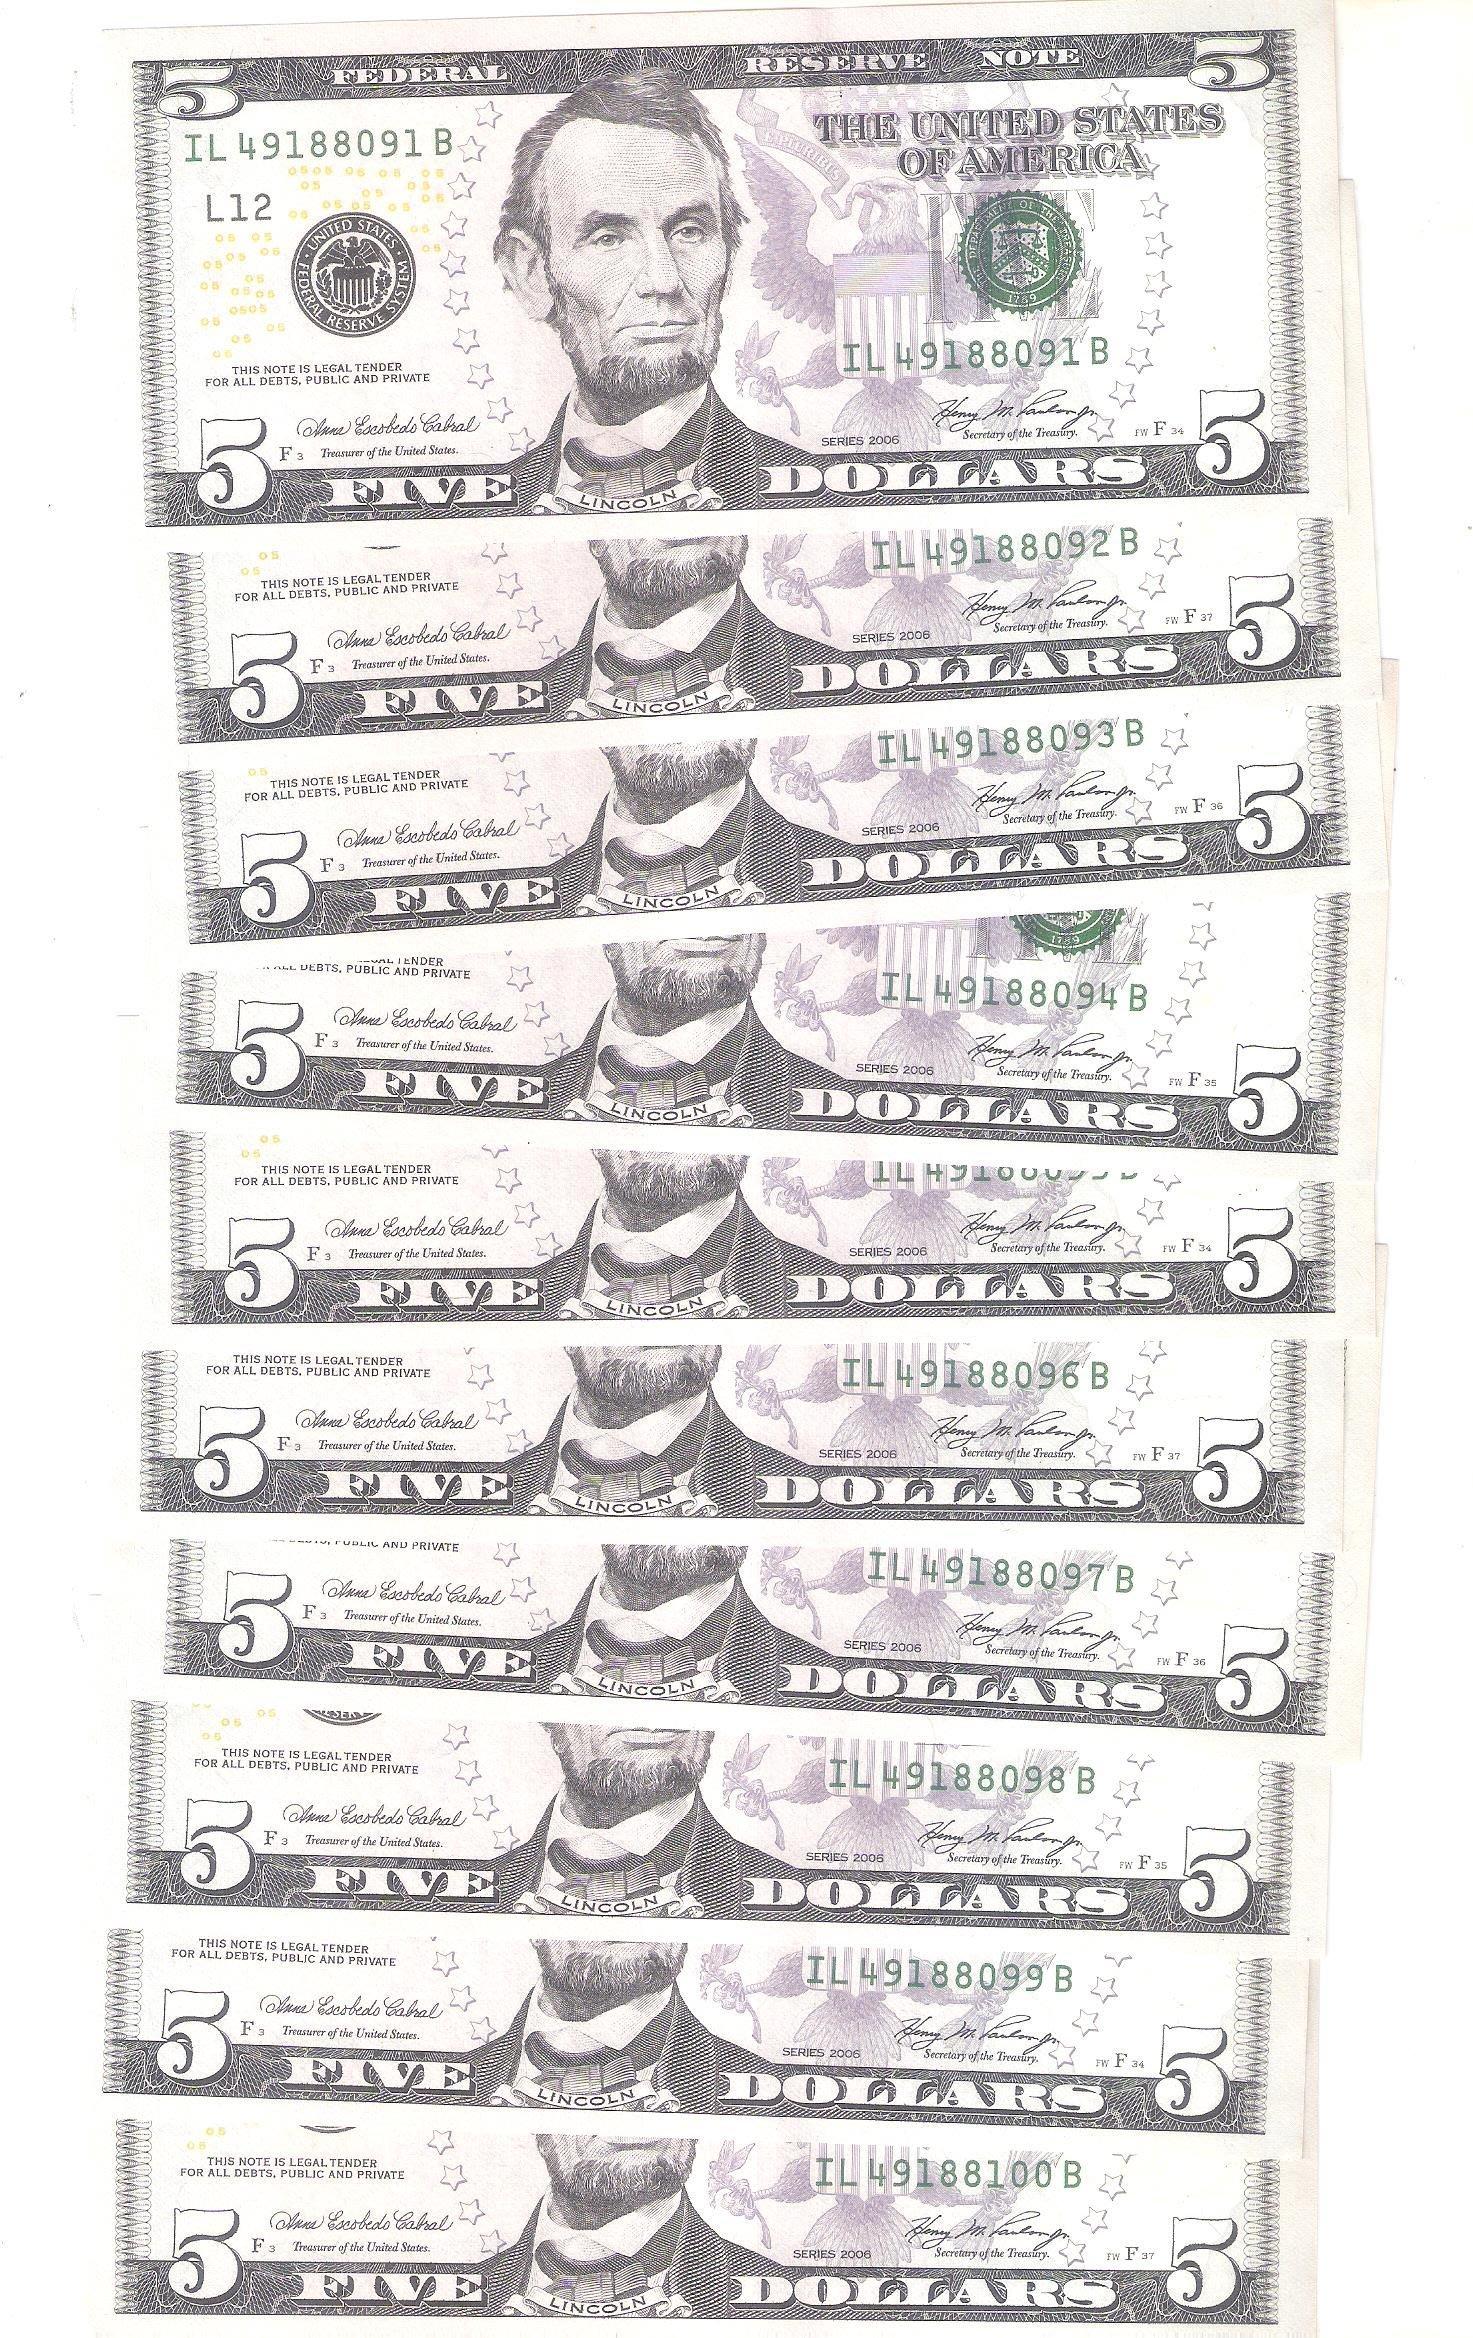 美金2006年發行5元面額紙鈔 共10枚壹標連號95新